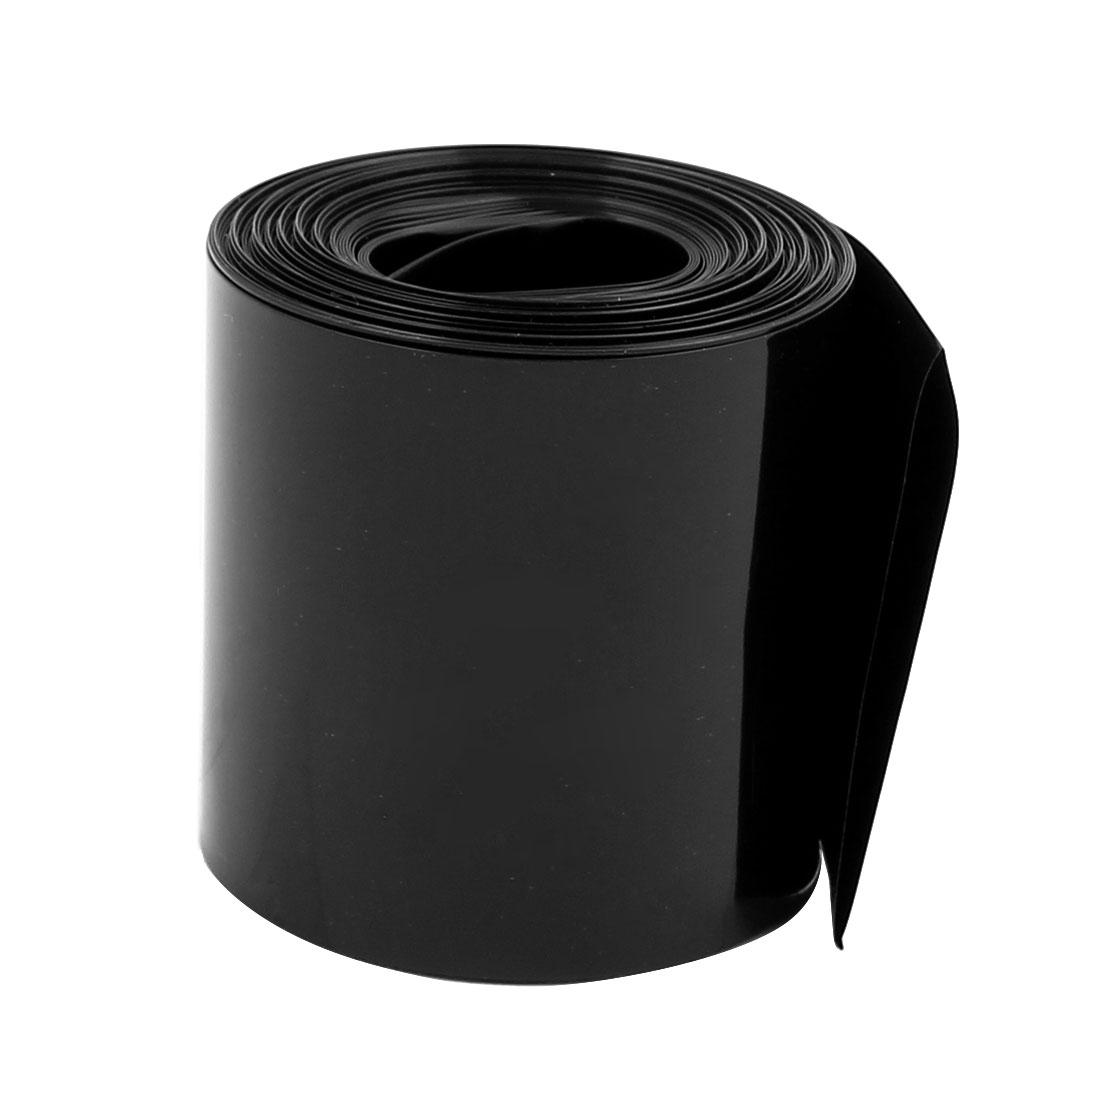 55mm Longueur 2.1 m Largeur Tube thermorétractable PVC noir pour 18650 Pack batterie - image 2 de 2